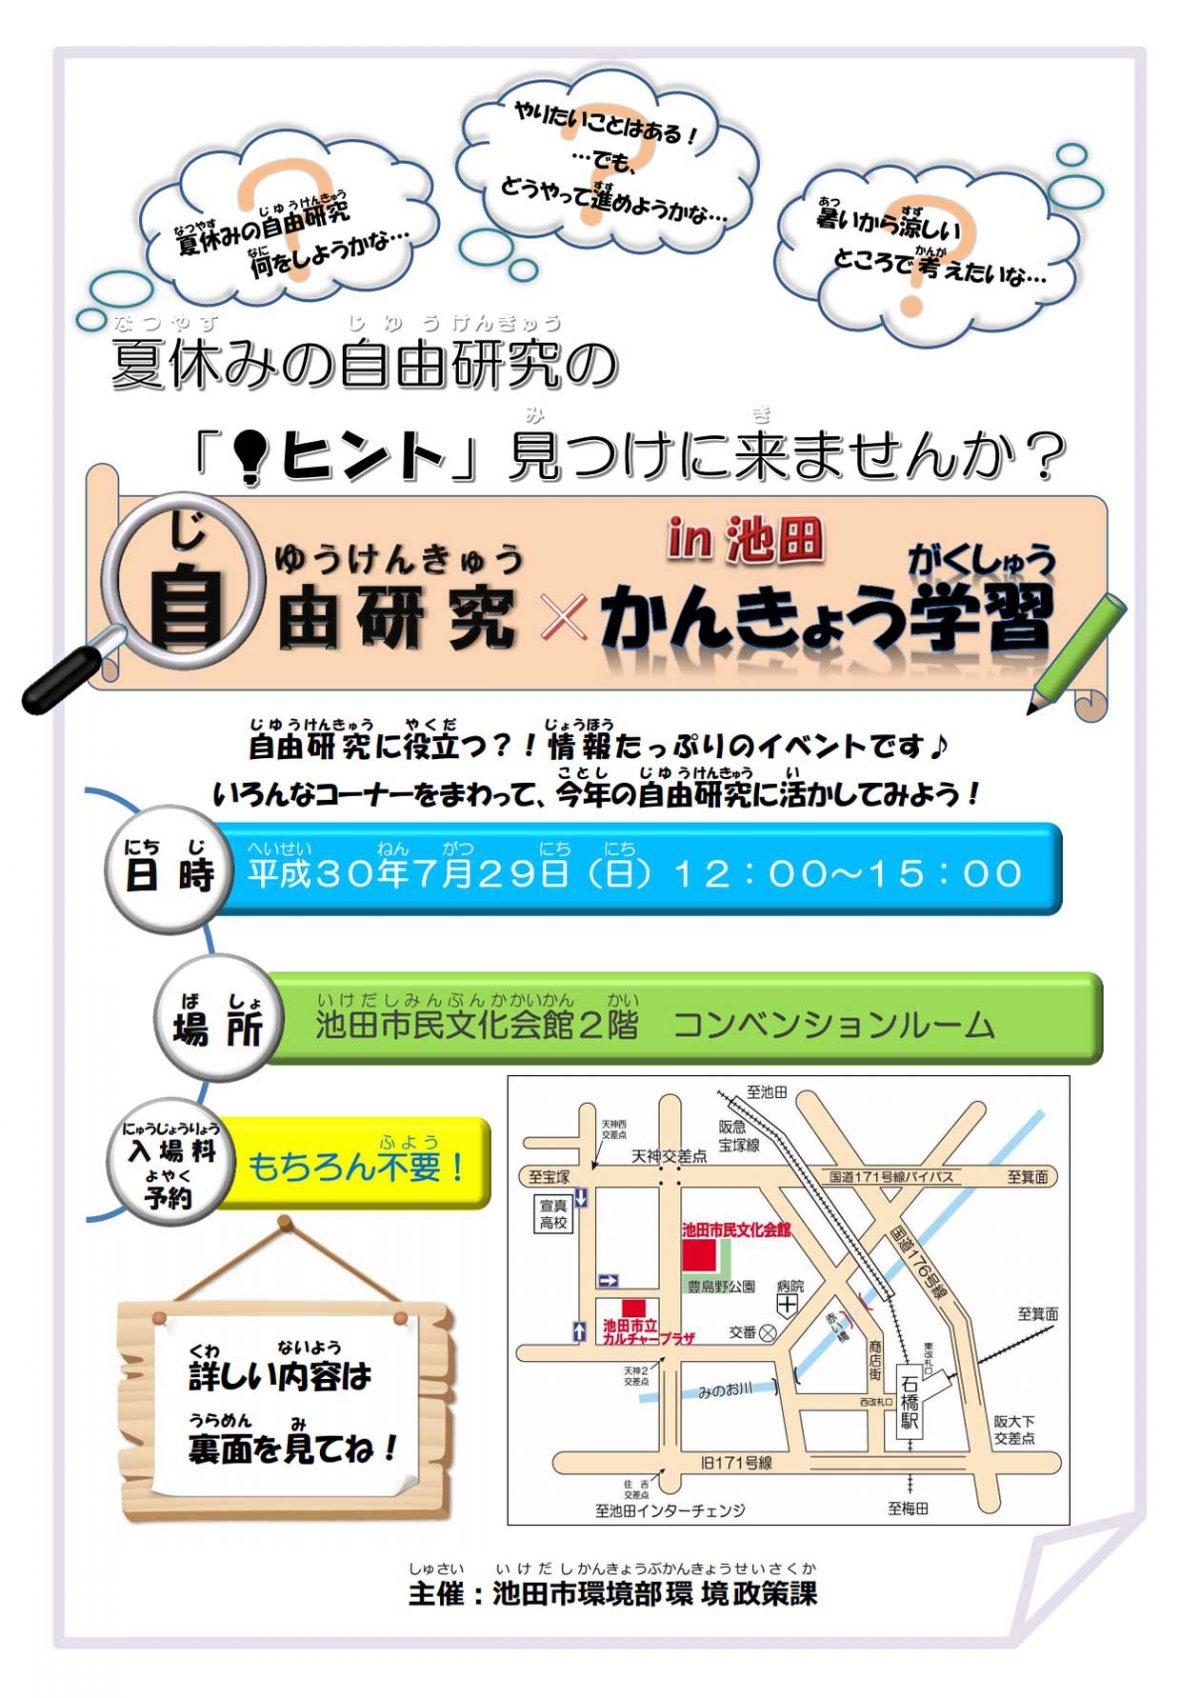 夏休みの自由研究の「ヒント」を見つけませんか?「自由研究×かんきょう学習 in 池田」開催